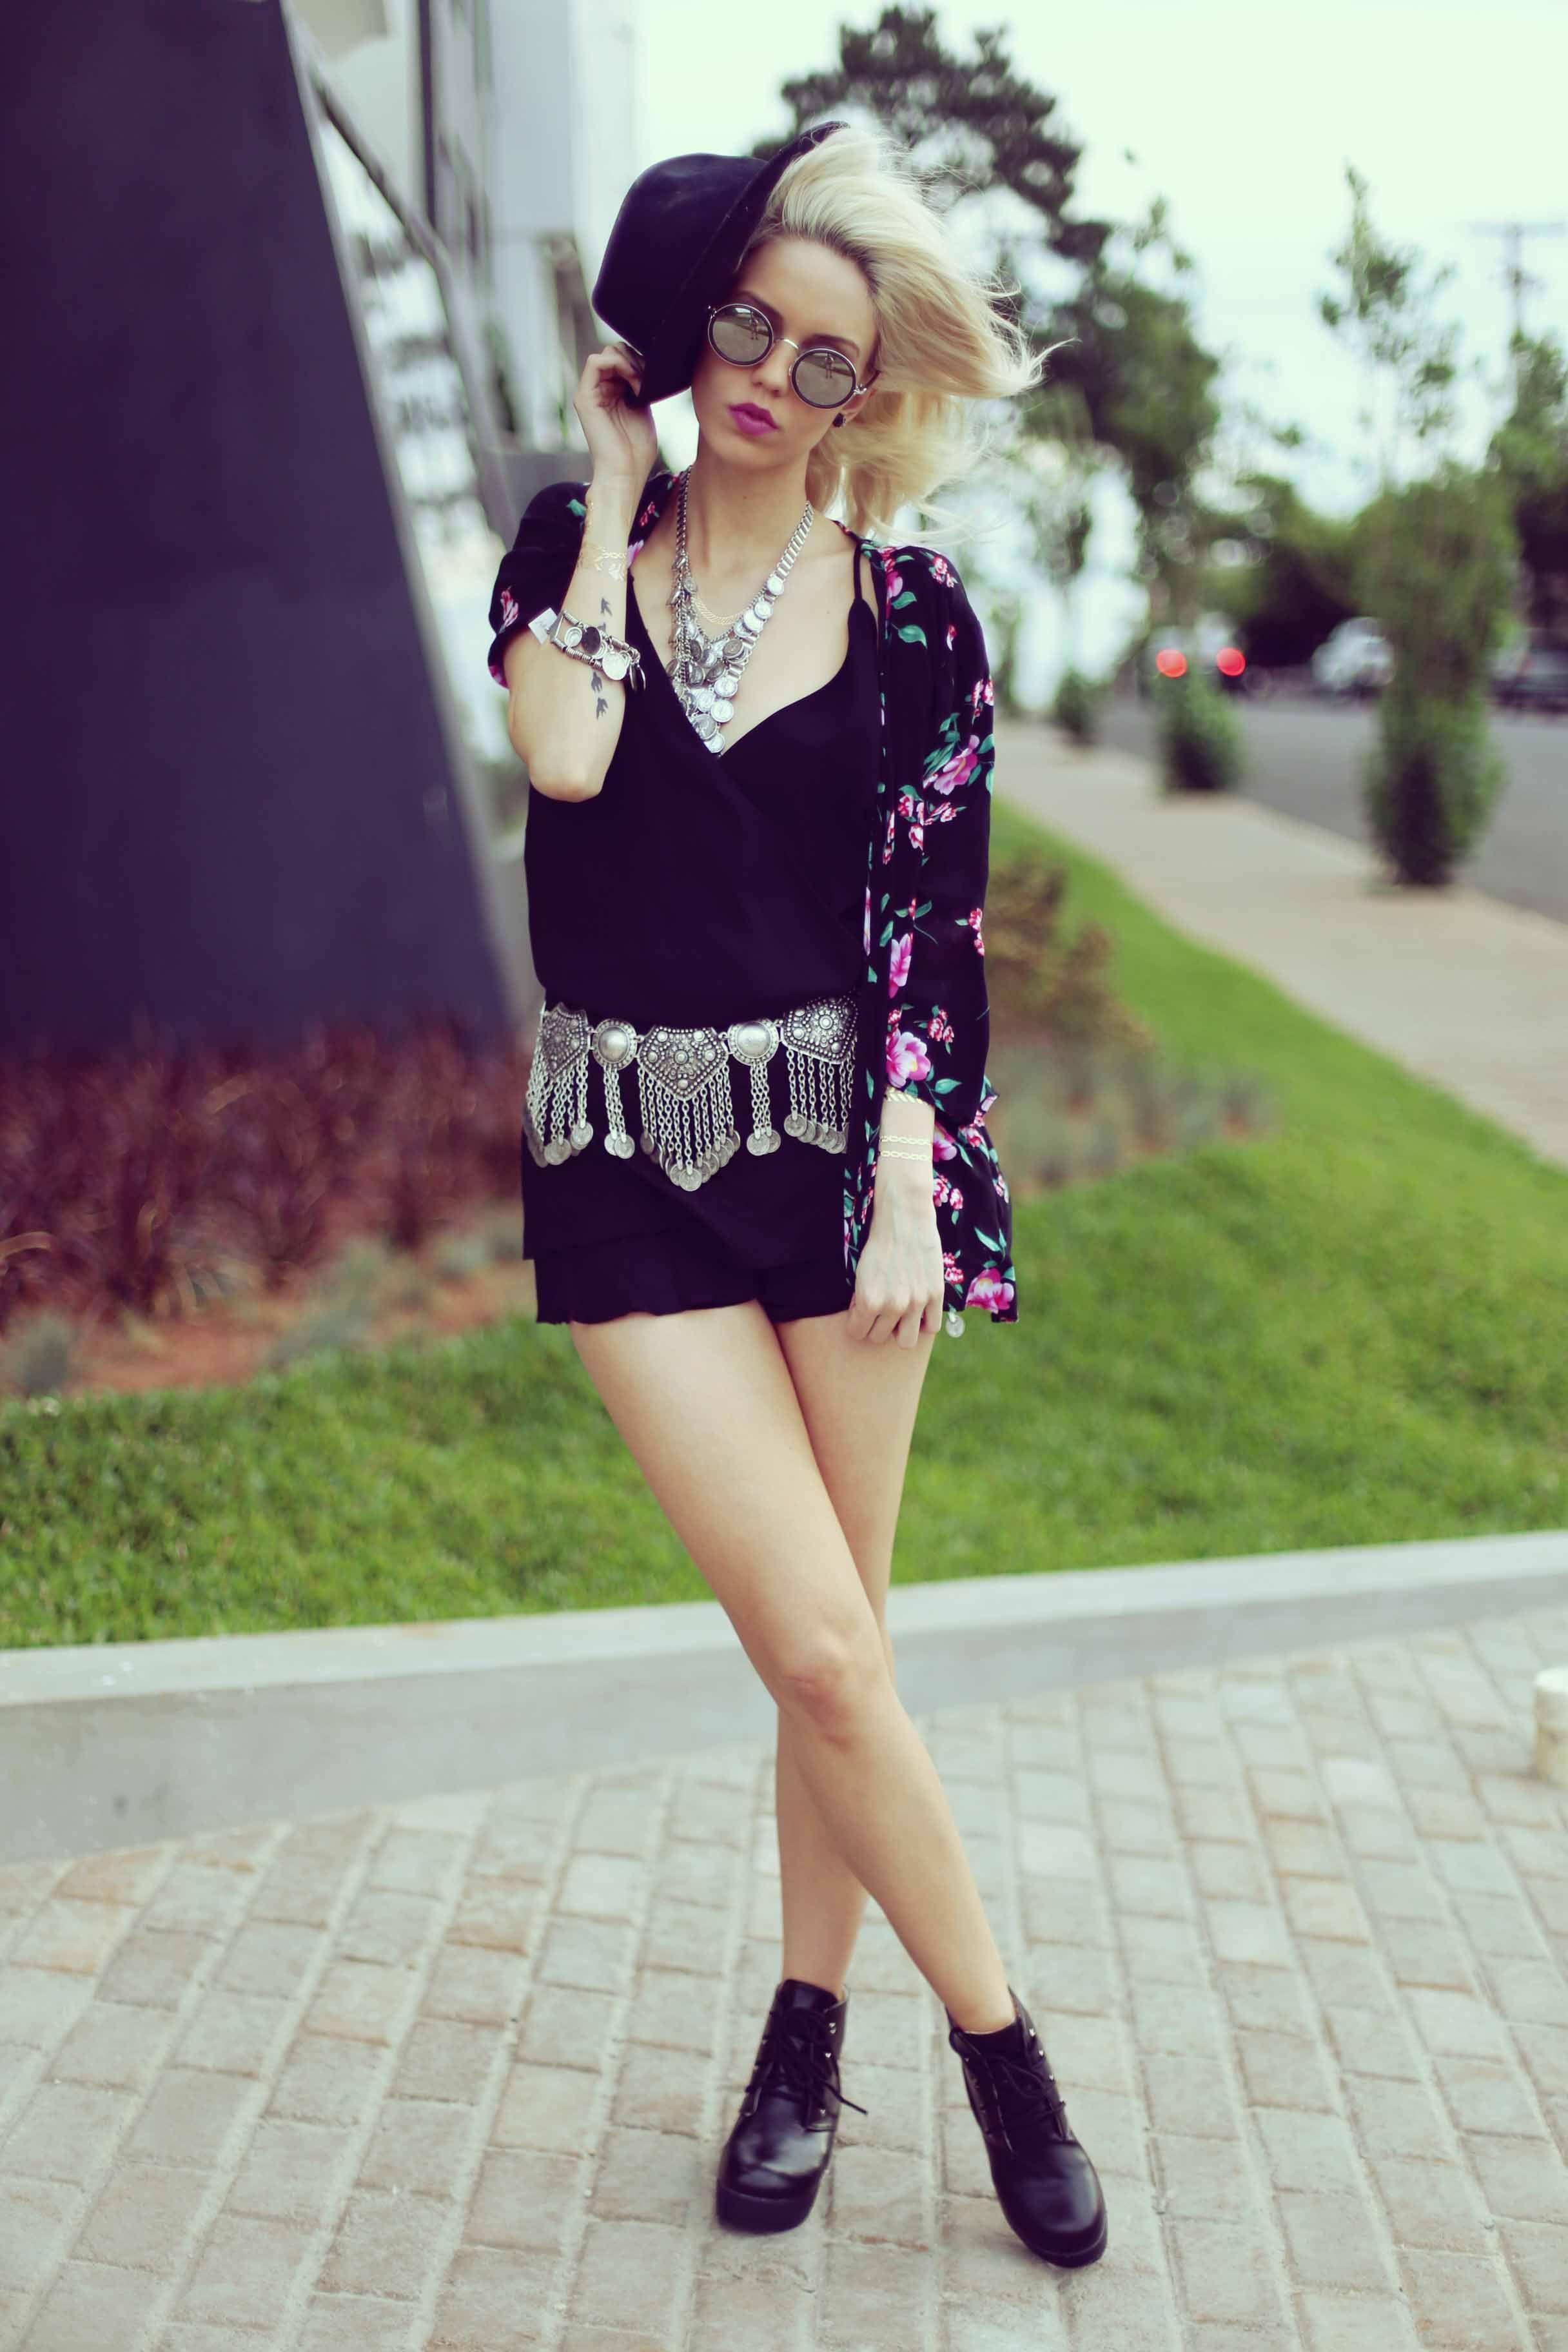 acessorios-turco-cinto-boho-kimono-estilo